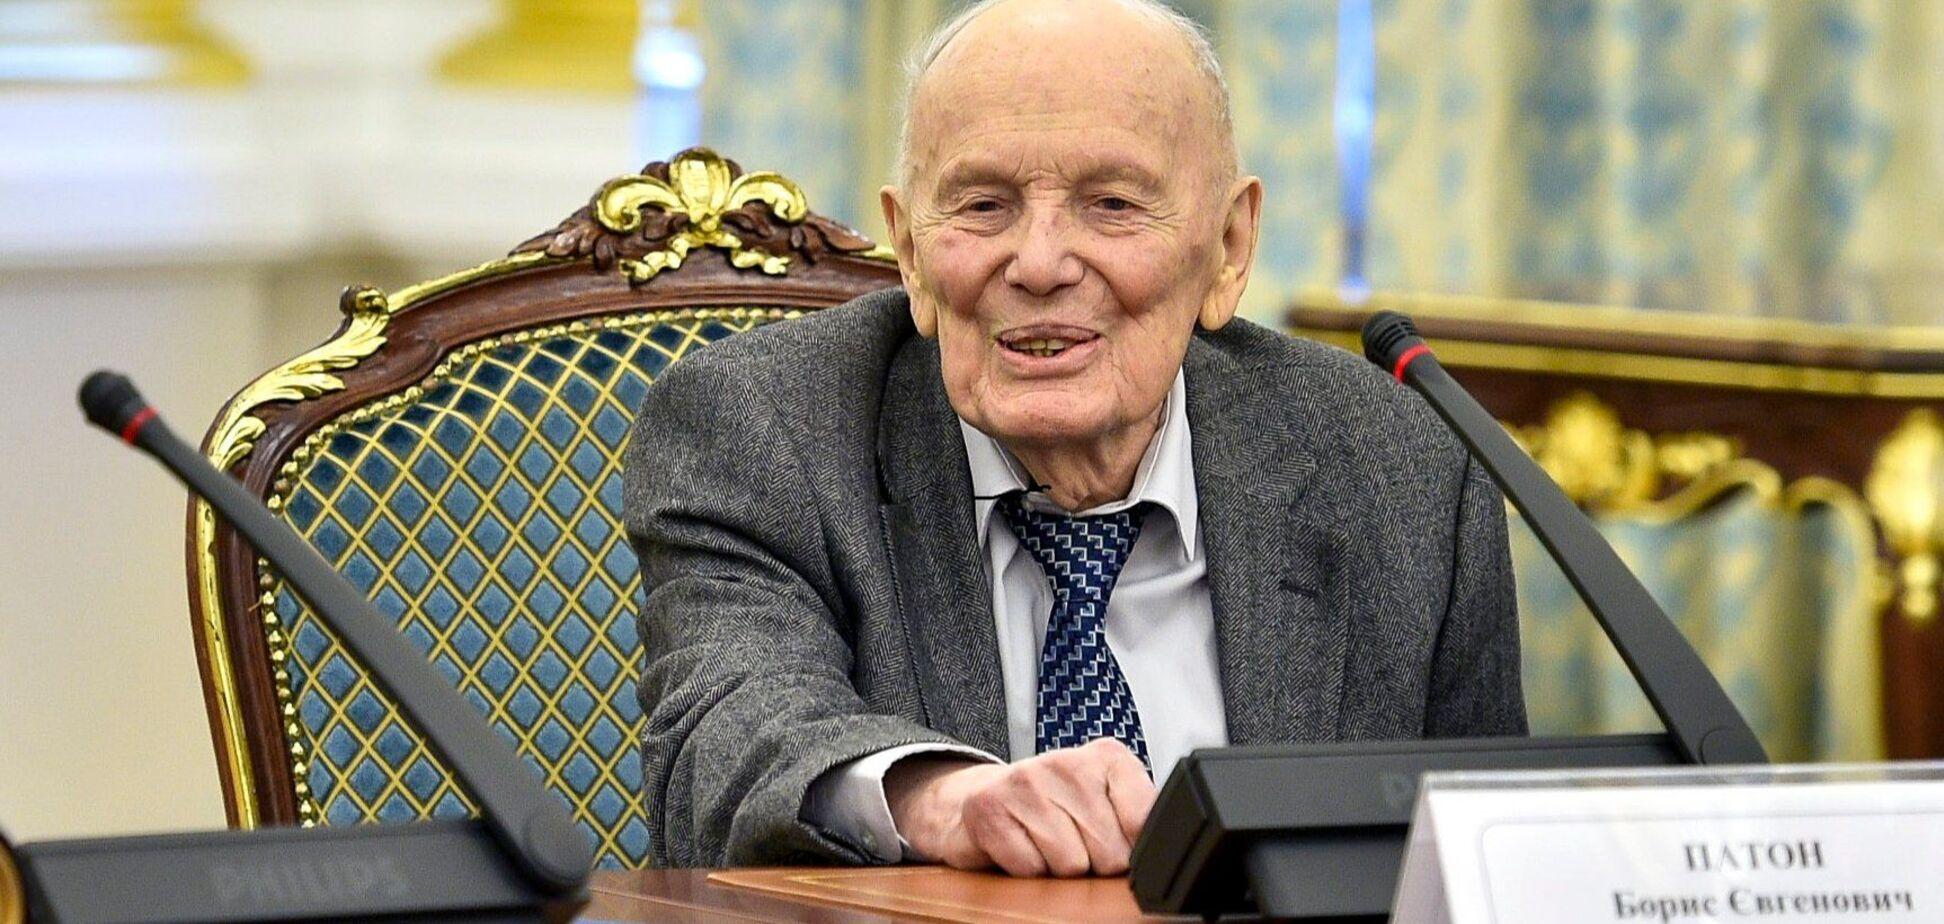 Борис Патон был госпитализирован перед смертью